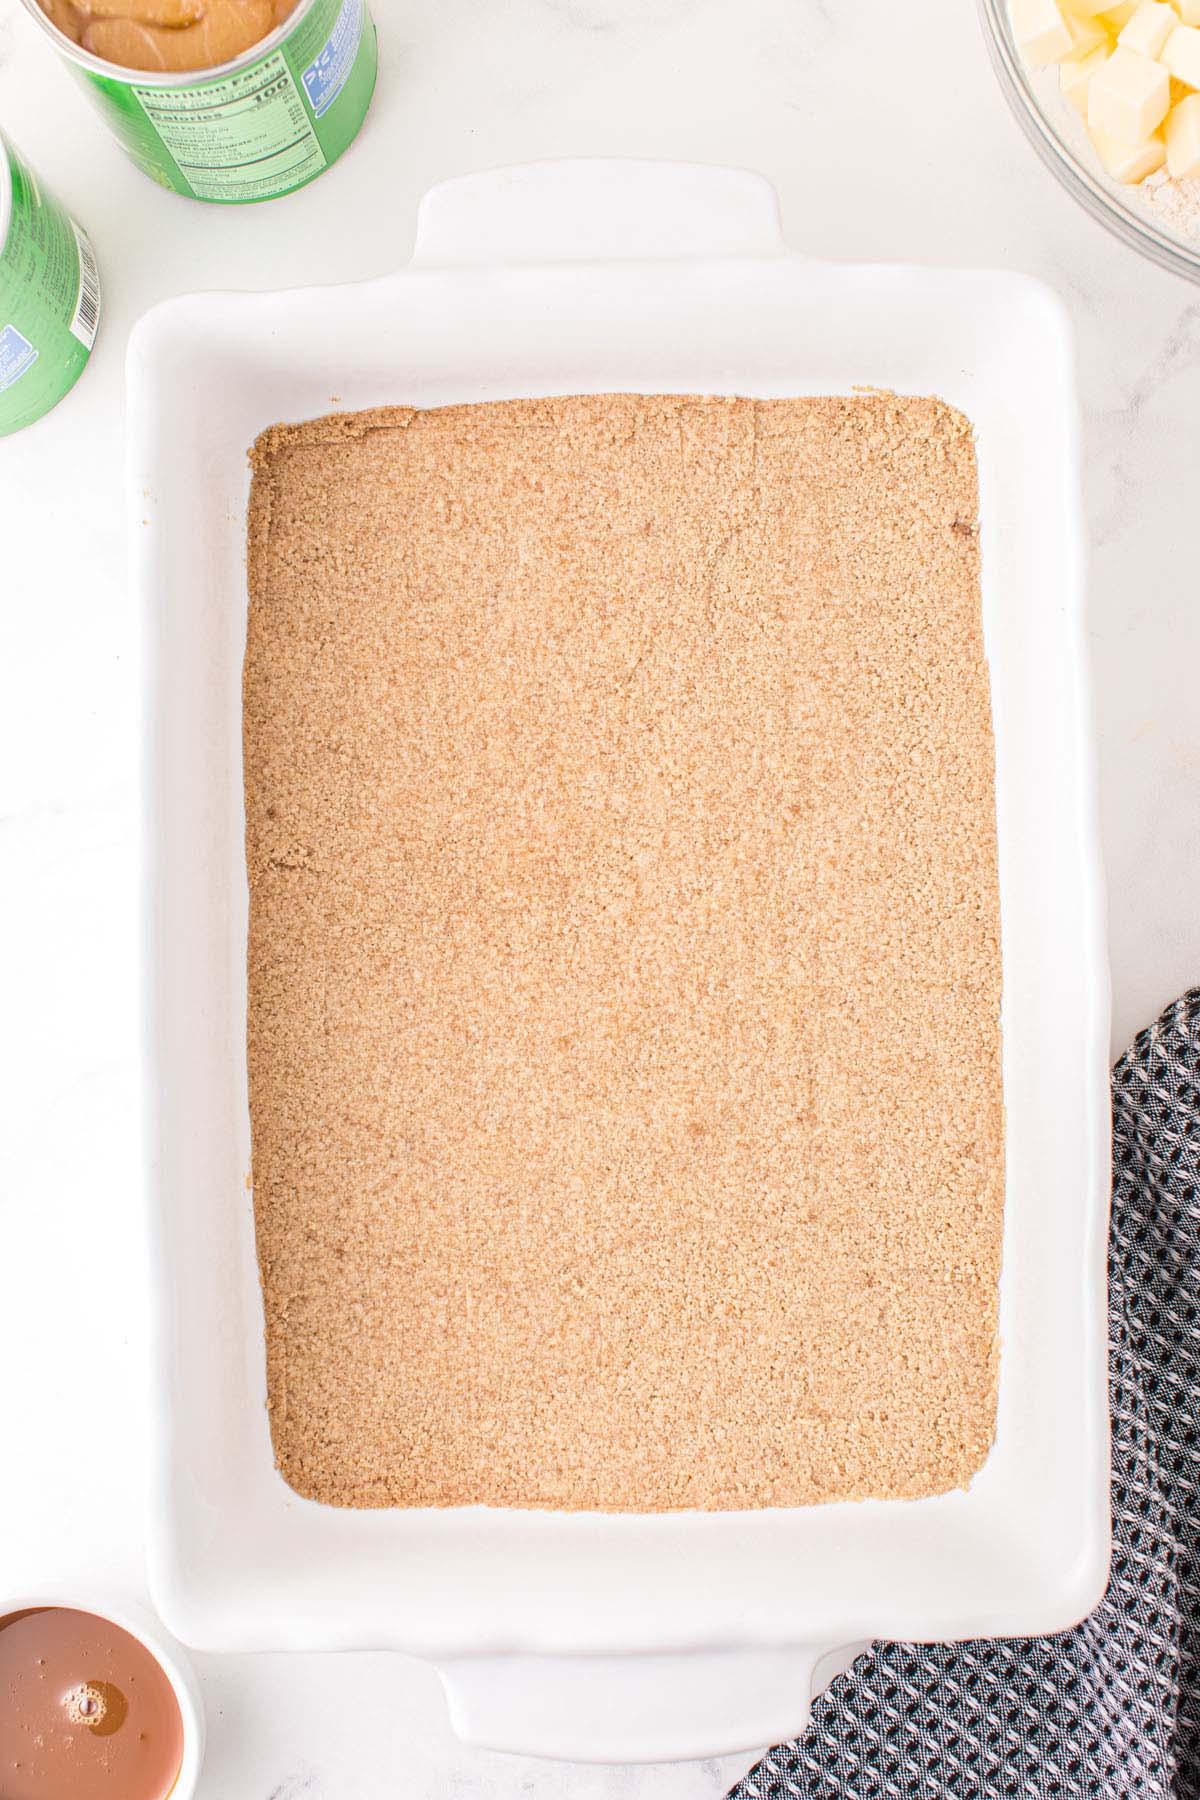 press into baking pan and bake